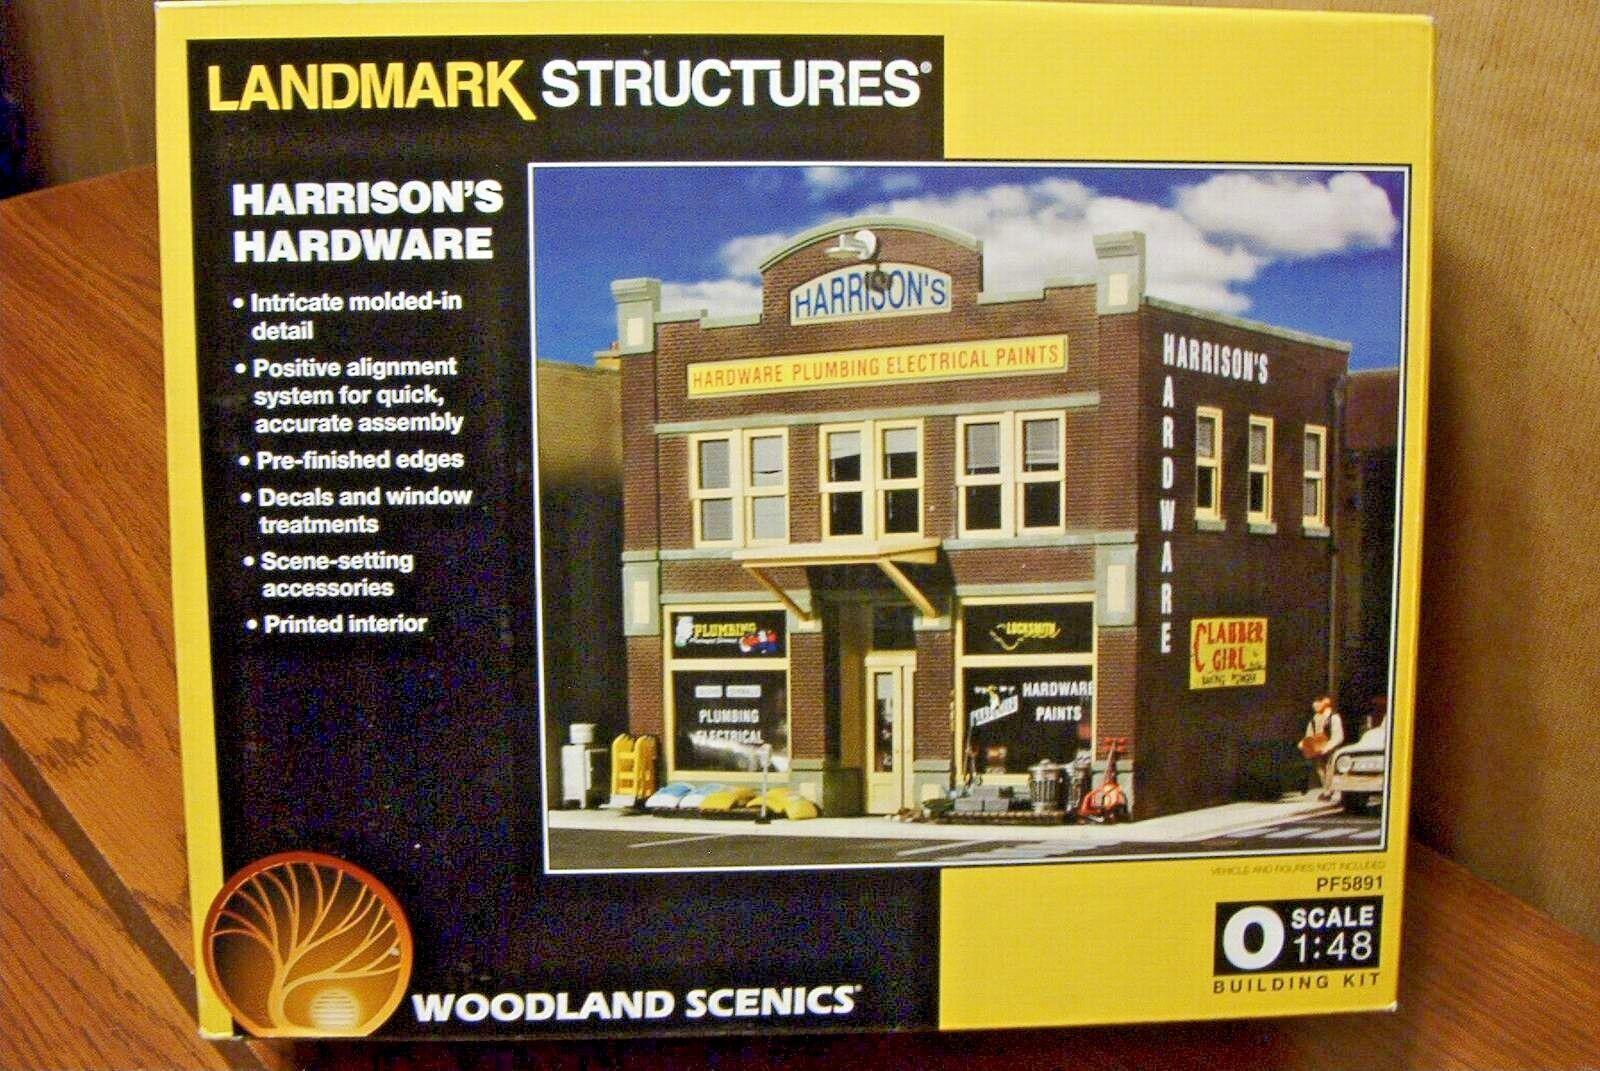 punto de venta en línea Woodland Scenics Scenics Scenics Landmark estructura Harrison's Hardware O Escala Kit De Construcción  encuentra tu favorito aquí